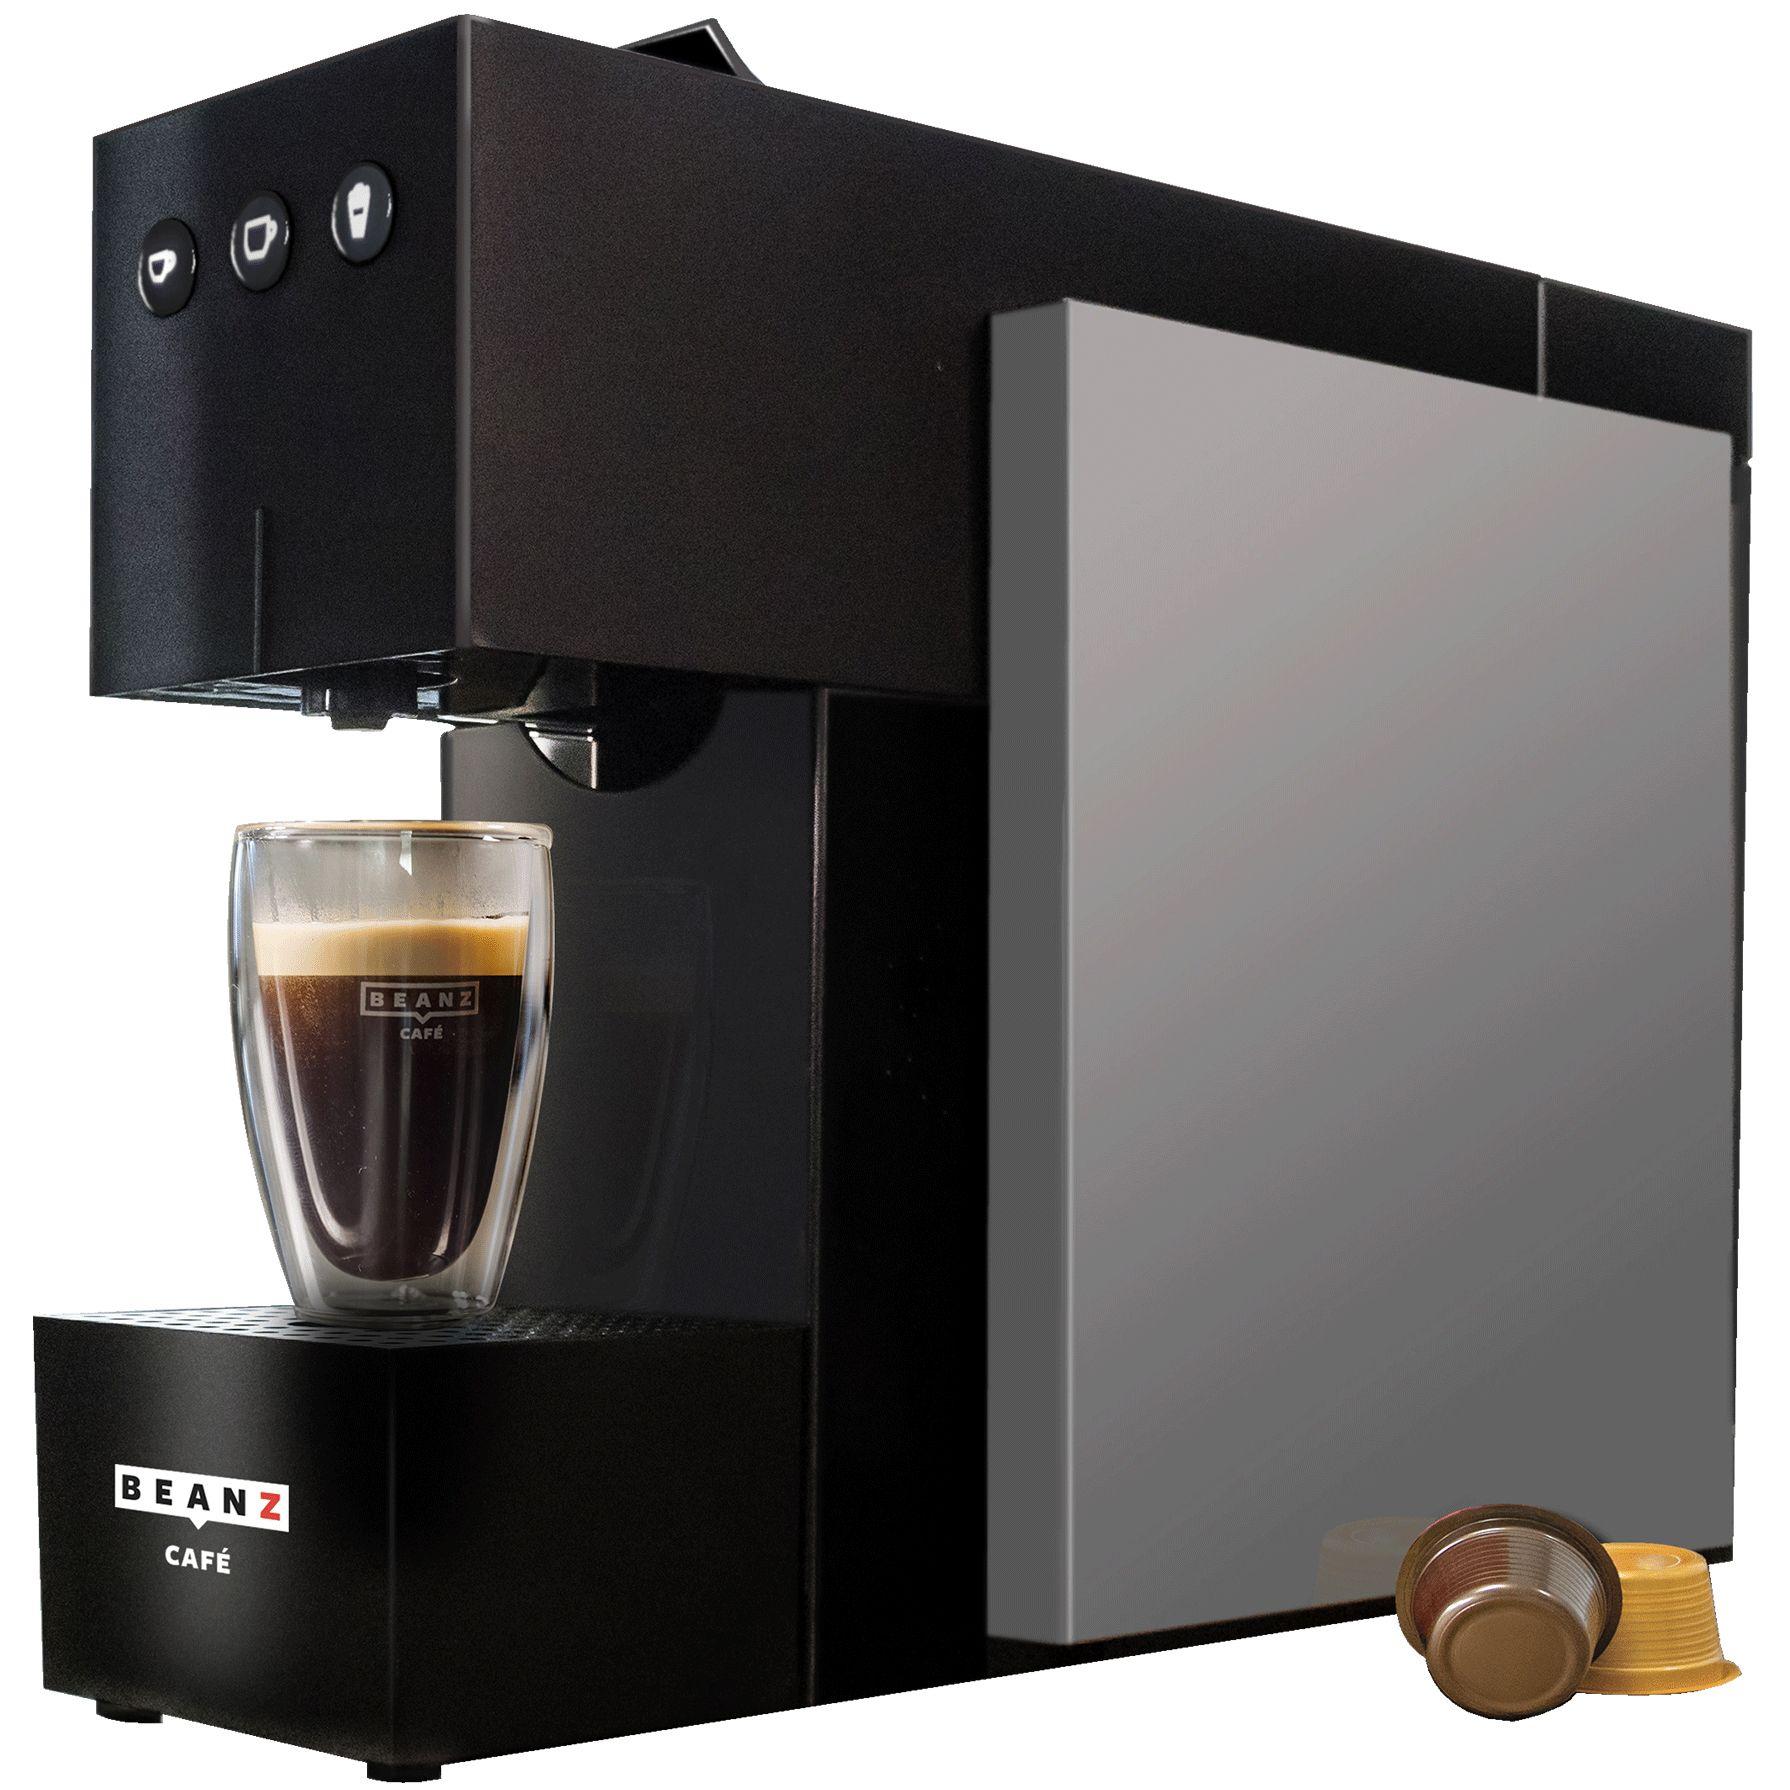 Fotografie Espressor cu capsule BeanZ Café Square 304412, 1l, 19 bari, compatibil Espressto, Mr&Mrs. Mill, Negru/Argintiu